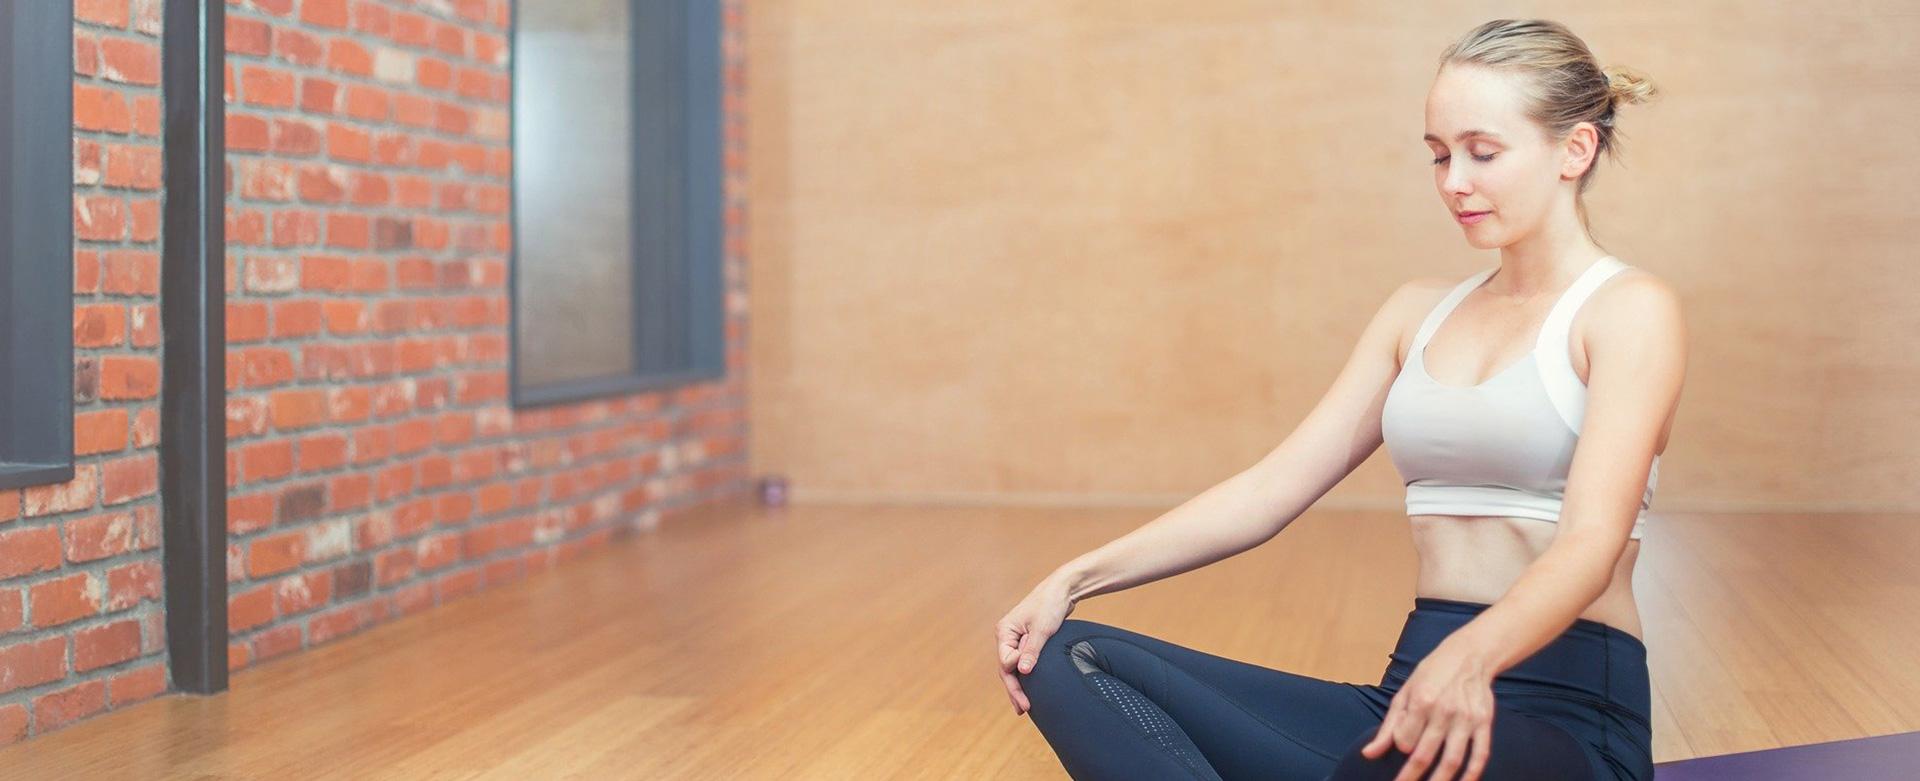 Woman relaxing with legs crossed practising kegel exercises